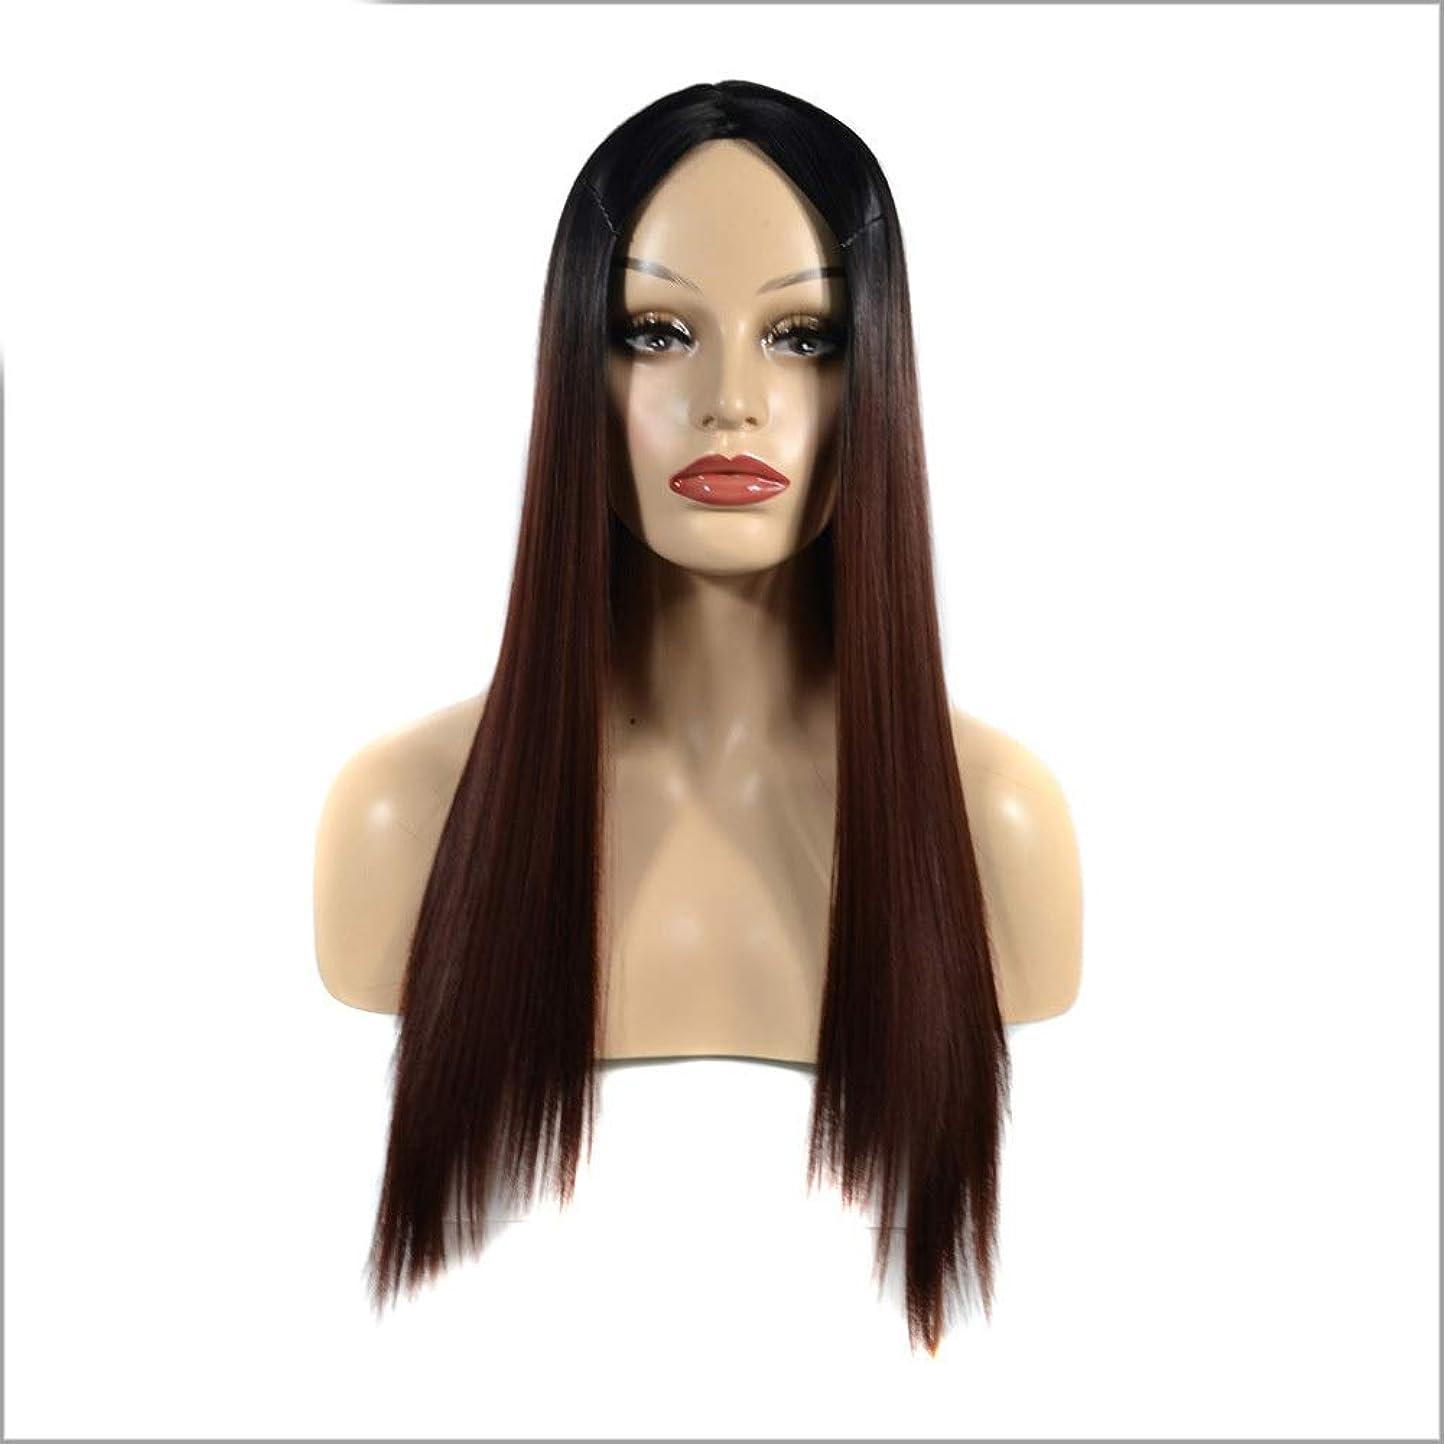 不振ラテン意気込みHOHYLLYA 黒グラデーションブラウンロングストレートヘアミドルパート用女性コスプレパーティードレス合成髪レースかつらロールプレイングかつらロングとショート女性自然 (色 : ブラウン, サイズ : 60cm)